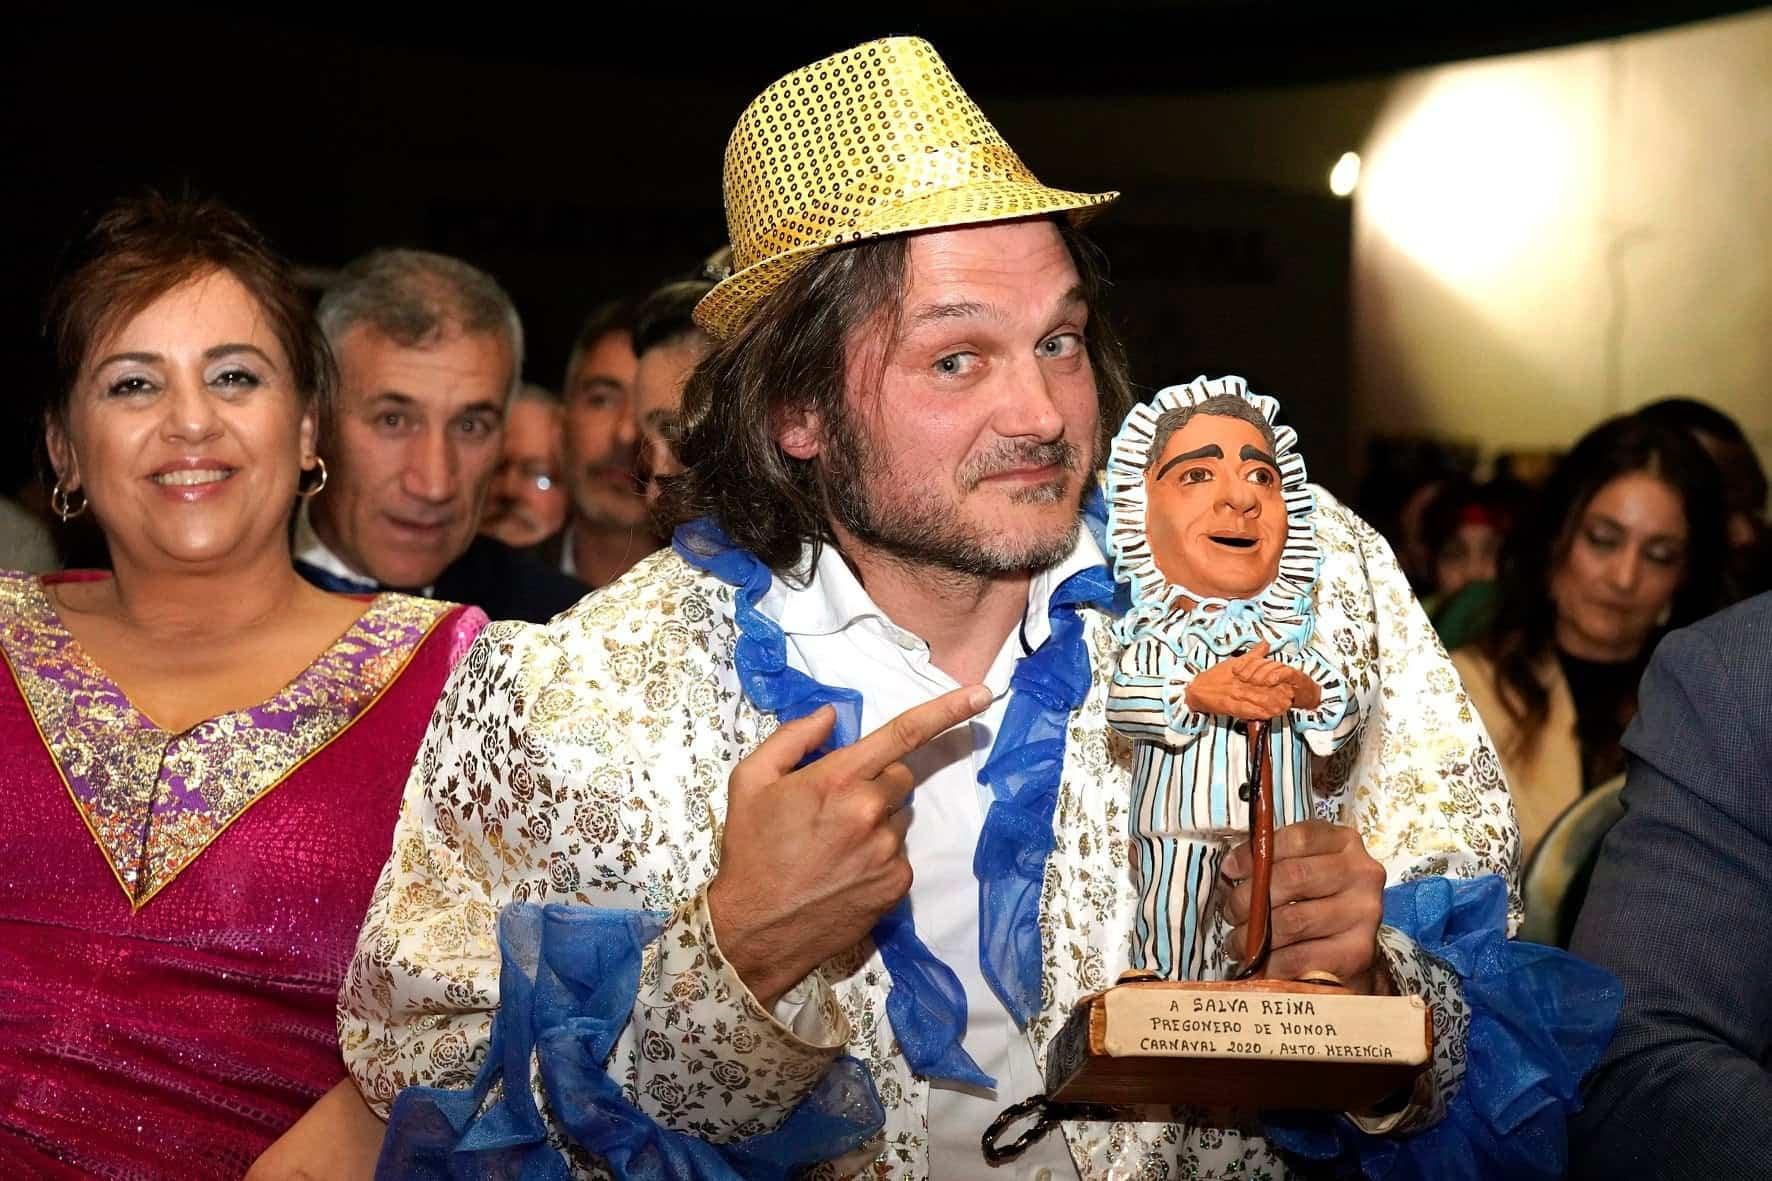 inauguracion carnaval 2020 herencia 16 - Inauguración del Carnaval de Herencia 2020